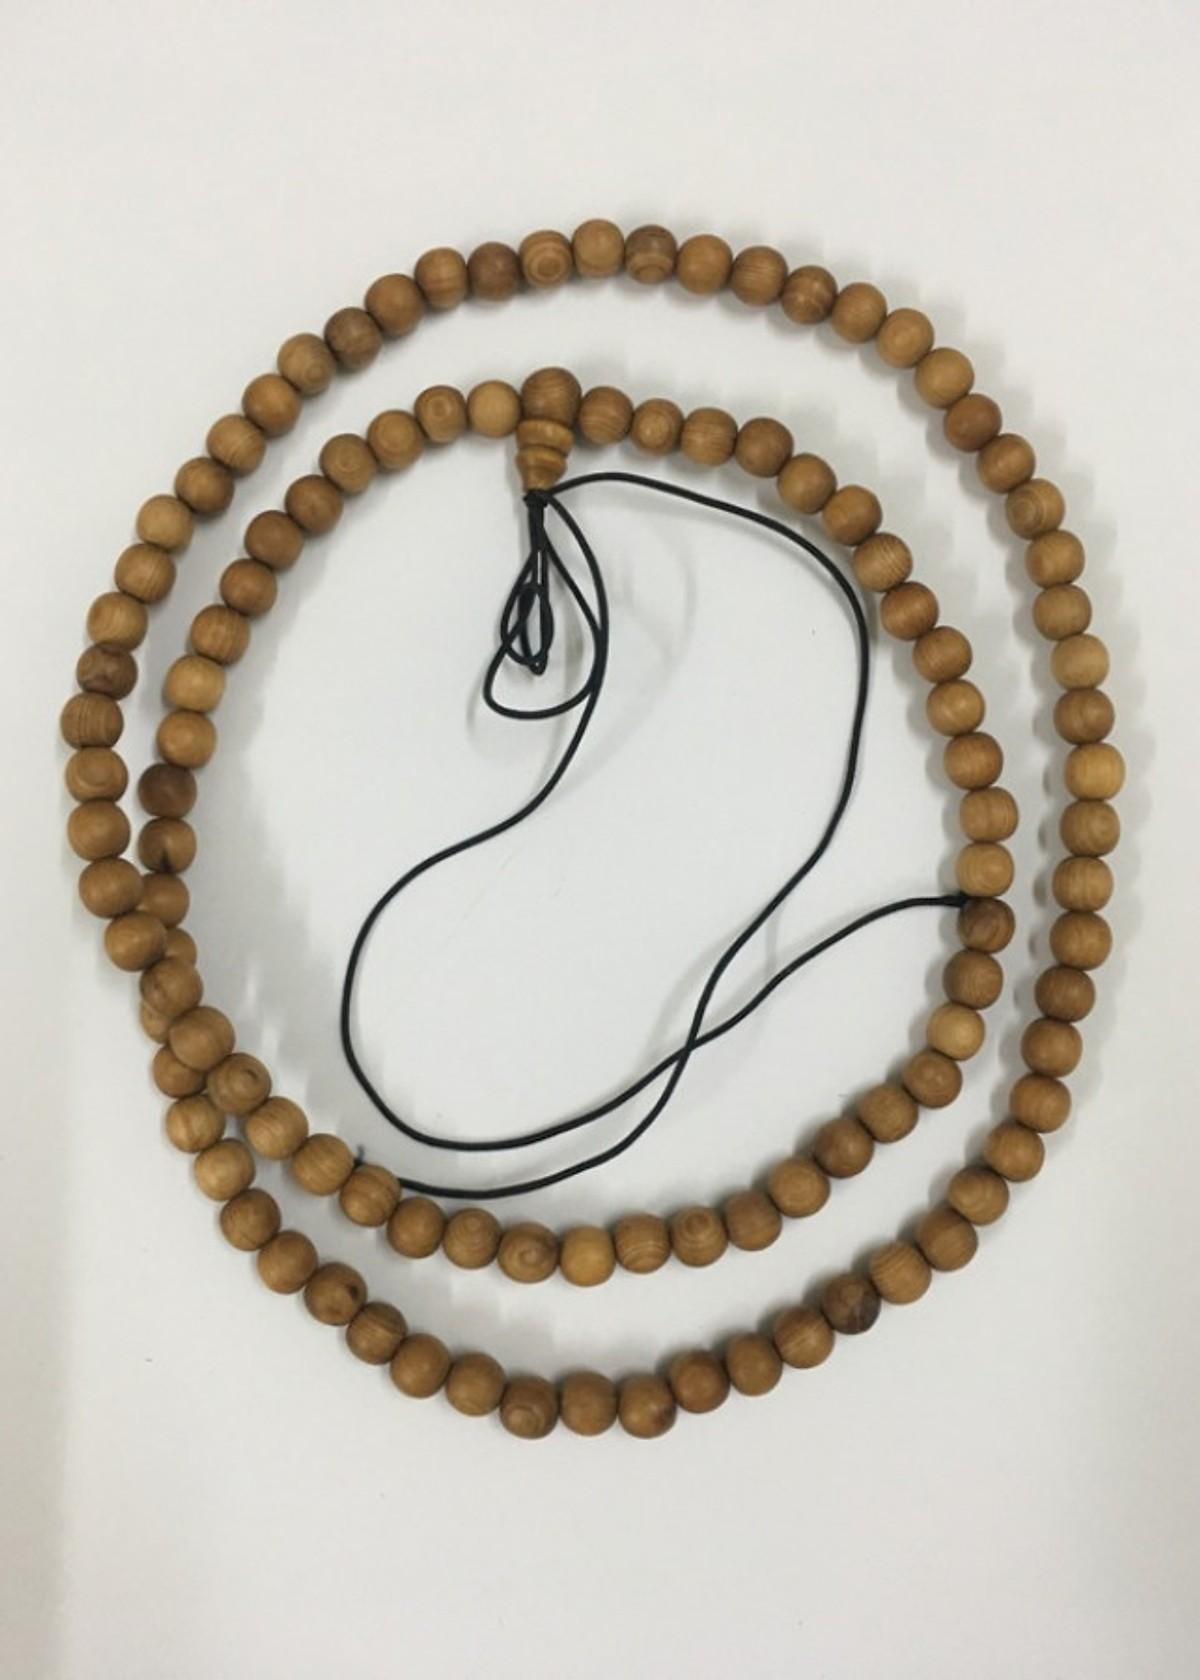 Chuỗi tràng hạt niệm Phật gỗ ngọc am cao cấp (TH15: 108 hạt 06ly)